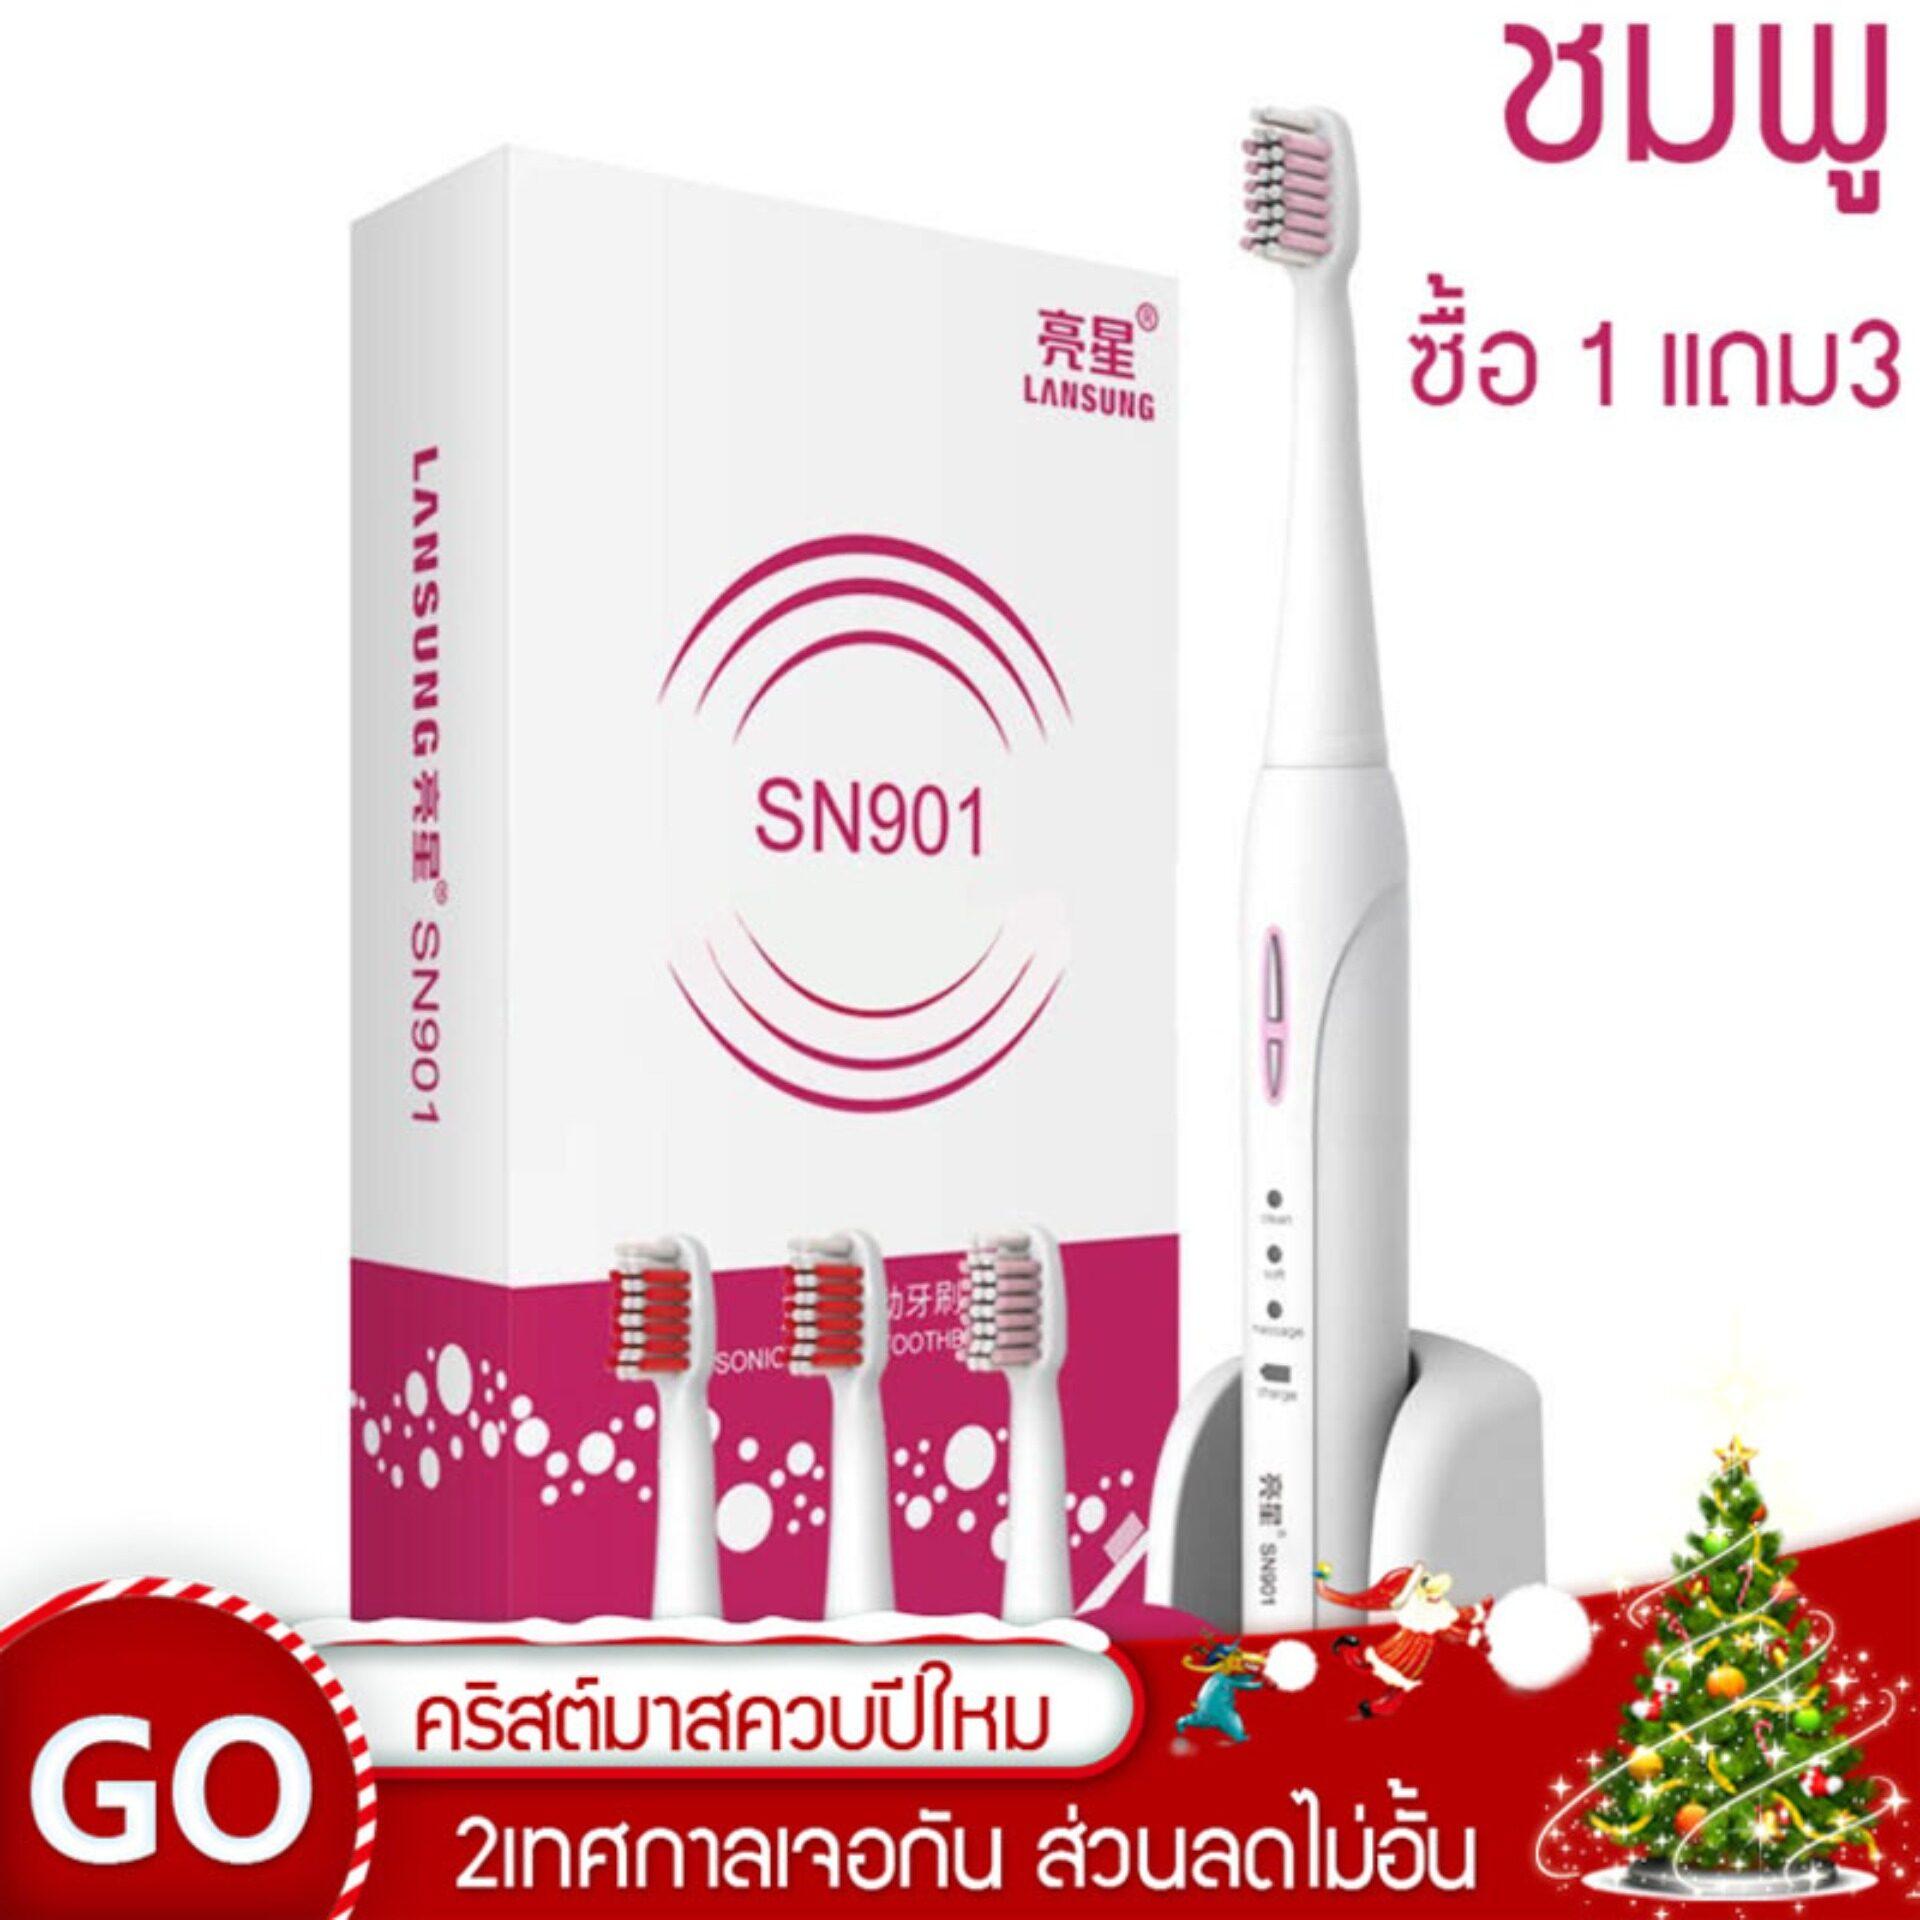 แปรงสีฟันไฟฟ้า รอยยิ้มขาวสดใสใน 1 สัปดาห์ สระแก้ว แปรงสีฟัน แปรงสีฟันไฟฟ้า Sonic SN901 แบบชาร์จ Electronic Toothbrush  สำหรับผู้ใหญ่ ด้ามเดี่ยวแถมหัวแปรง 3 หัว แพ็คคู่รักแถมหัวแปรง 4 หัว ถูกกว่า  Fashion Girl